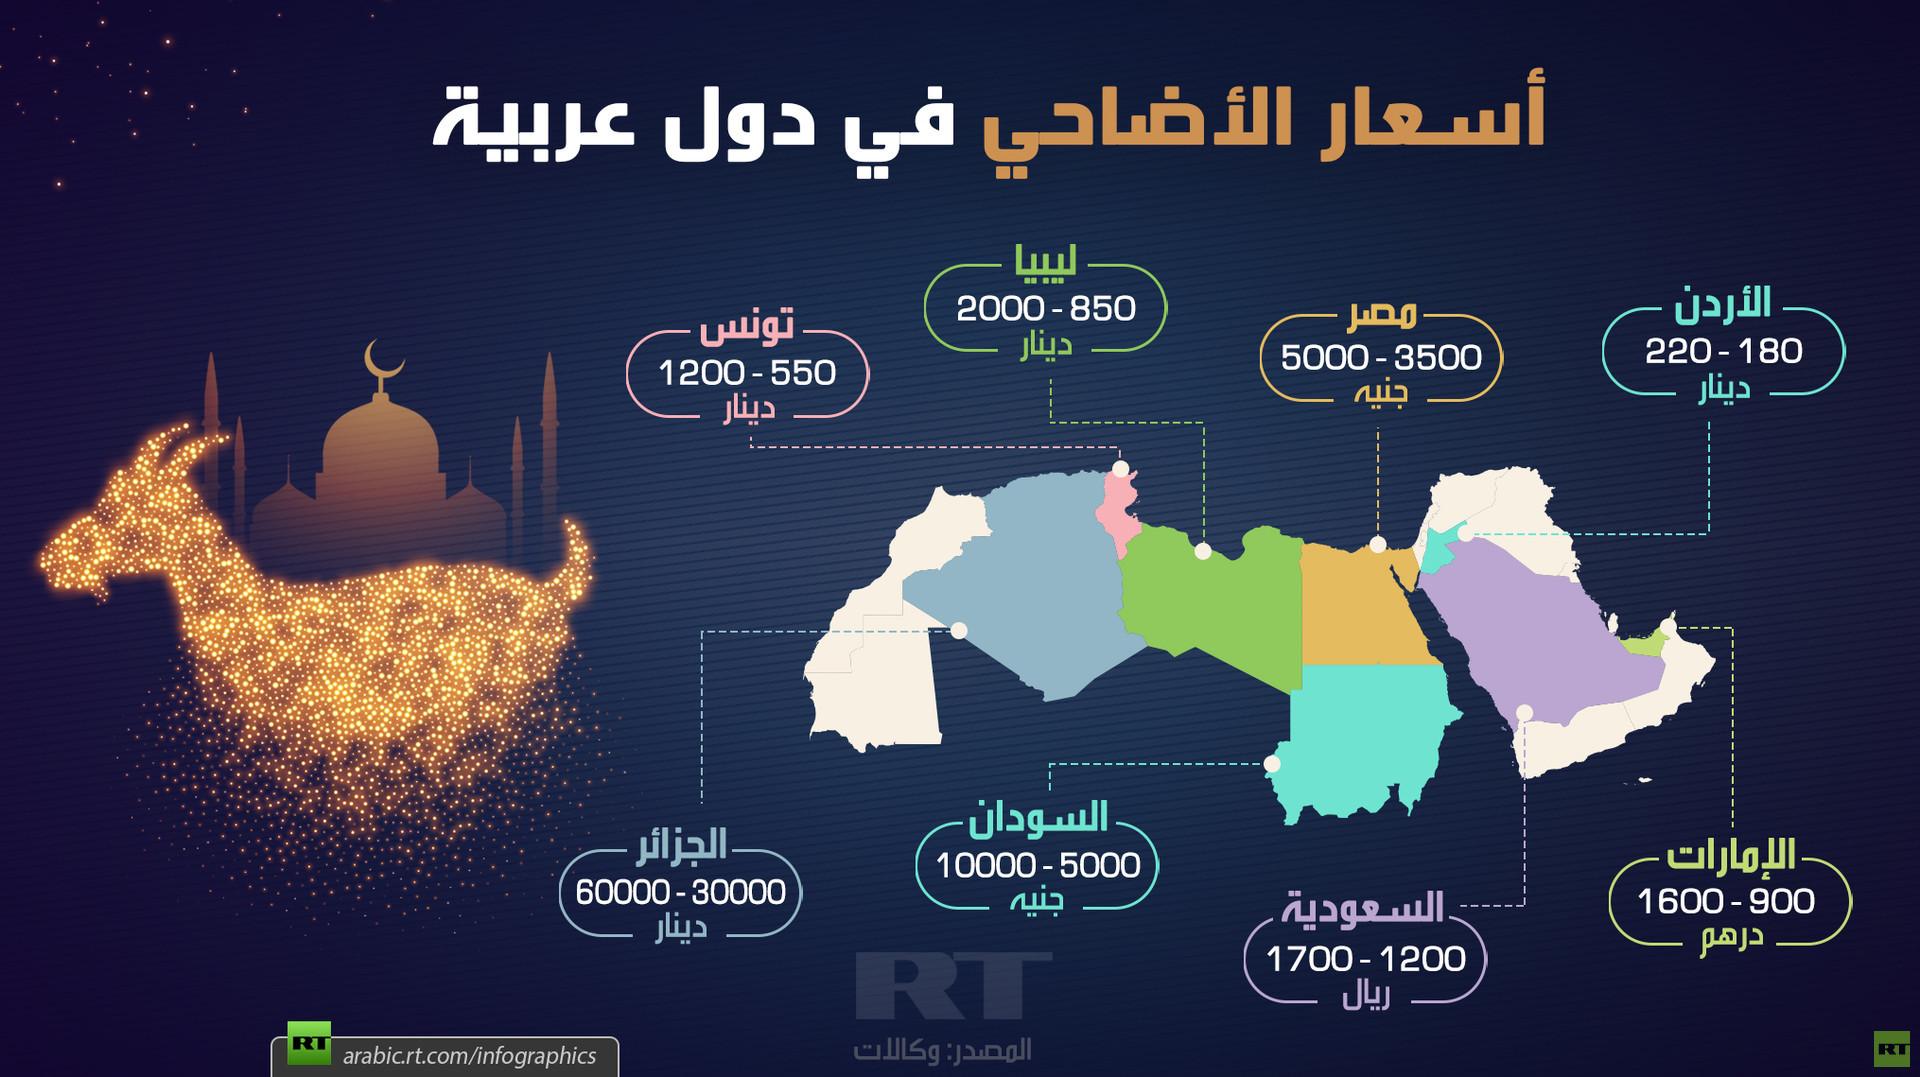 أسعار الأضاحي في دول عربية